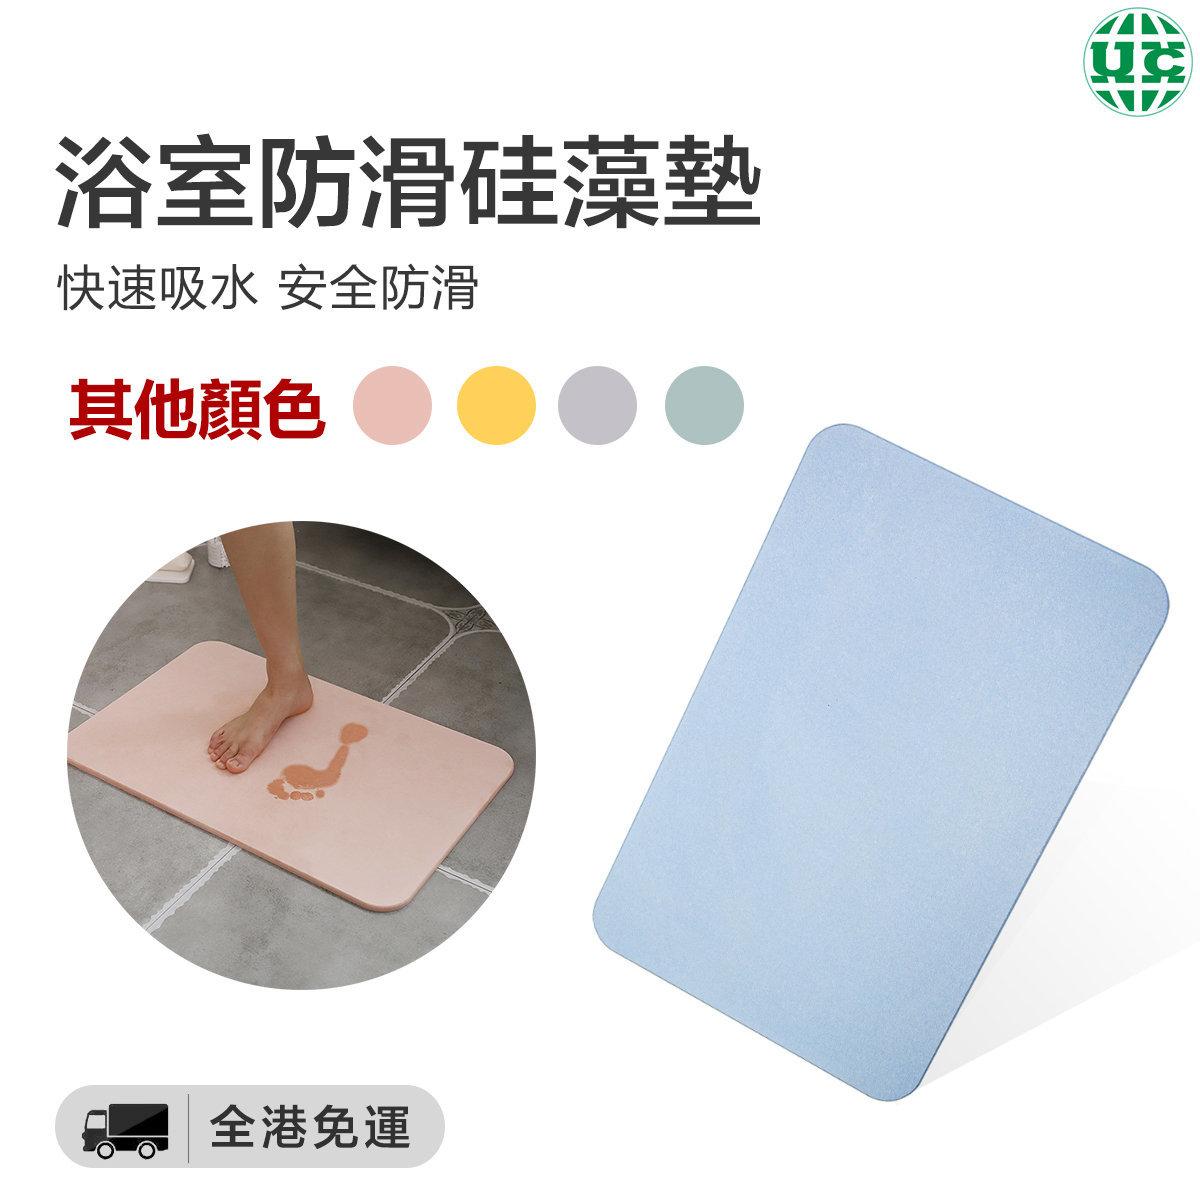 浴室防滑踩腳硅藻墊-藍(平行進口)